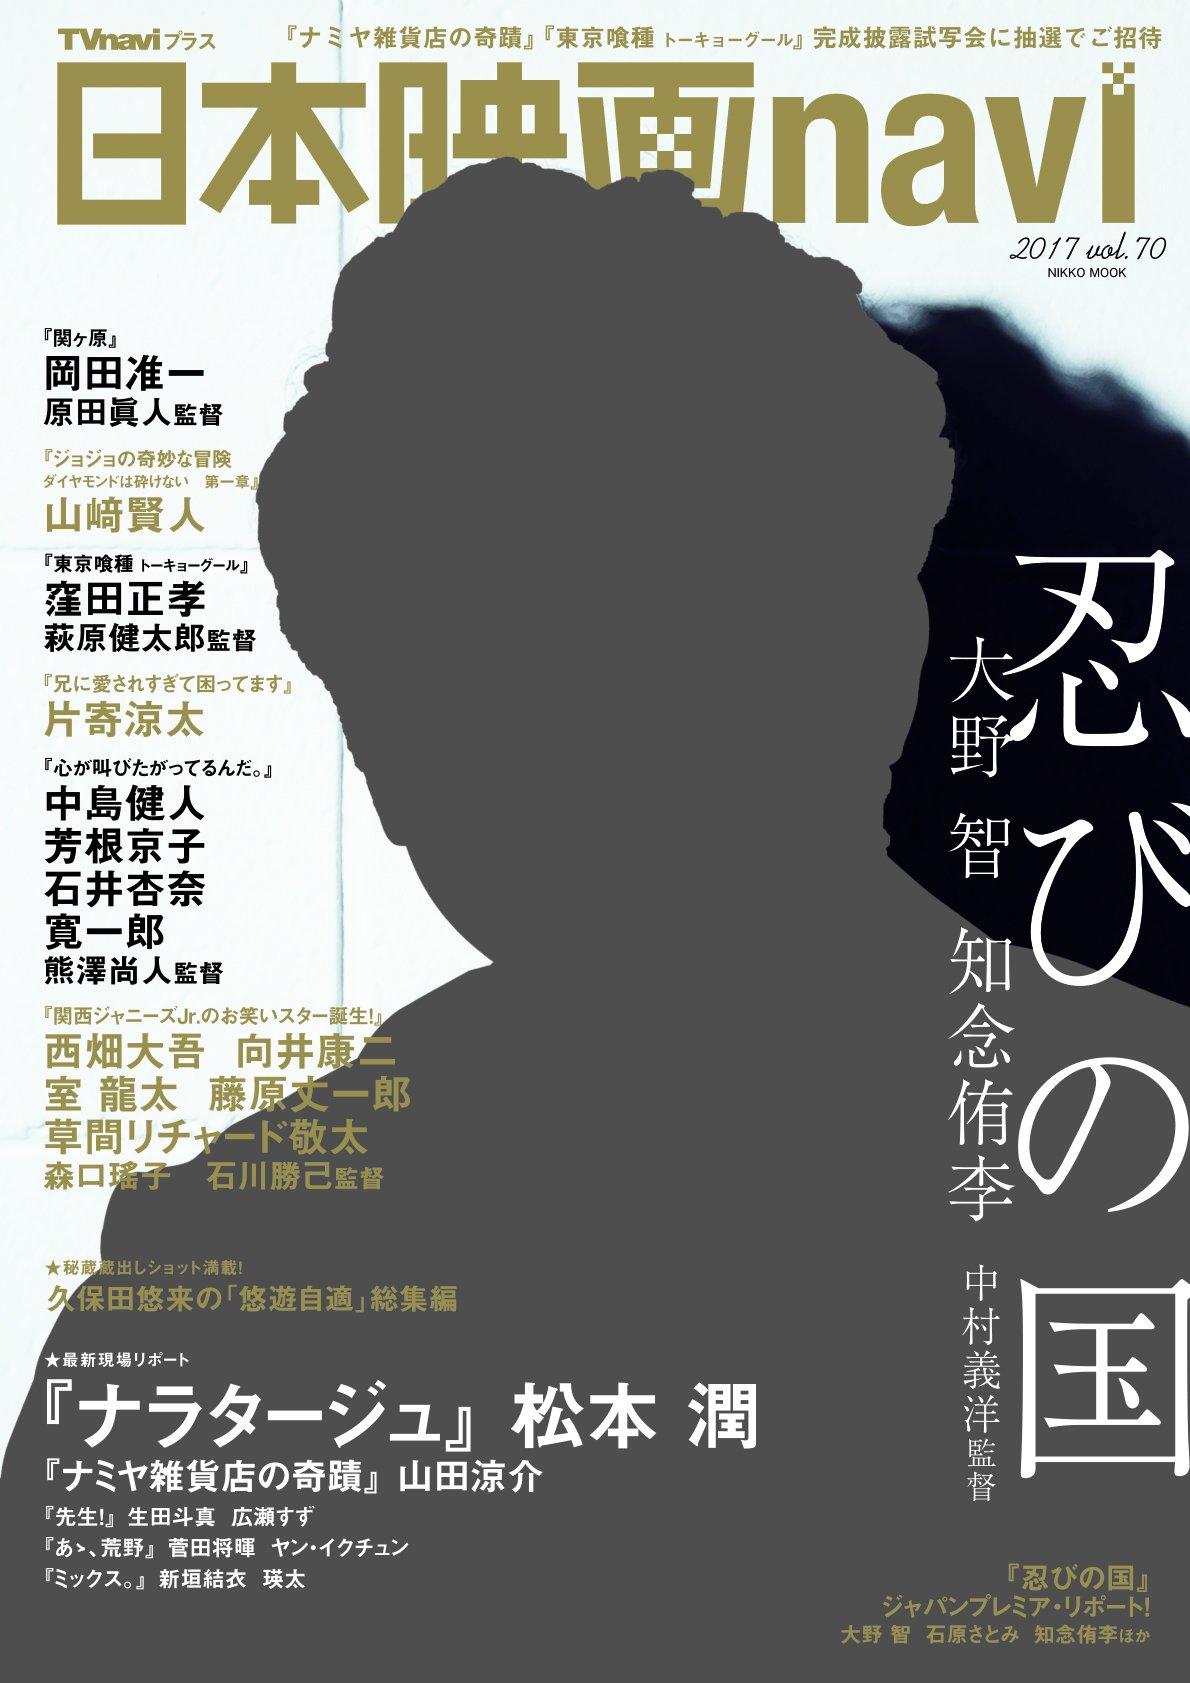 日本映画navi 70